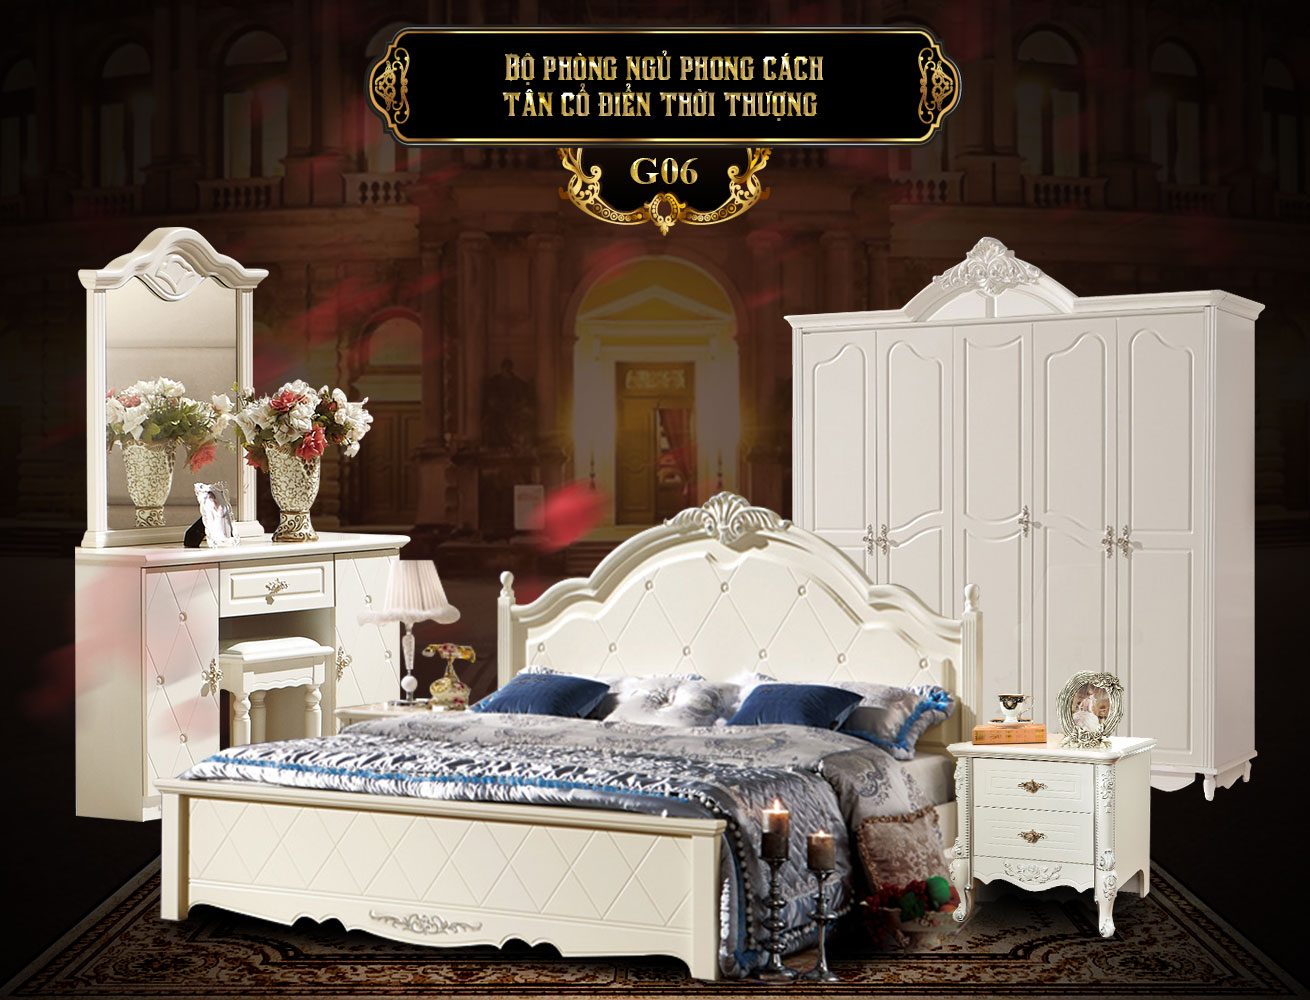 Bộ phòng ngủ phong cách tân cổ điển G06b | nội thất phòng ngủ đẹp G06 | Giường ngủ tân cổ điển đẹp G06